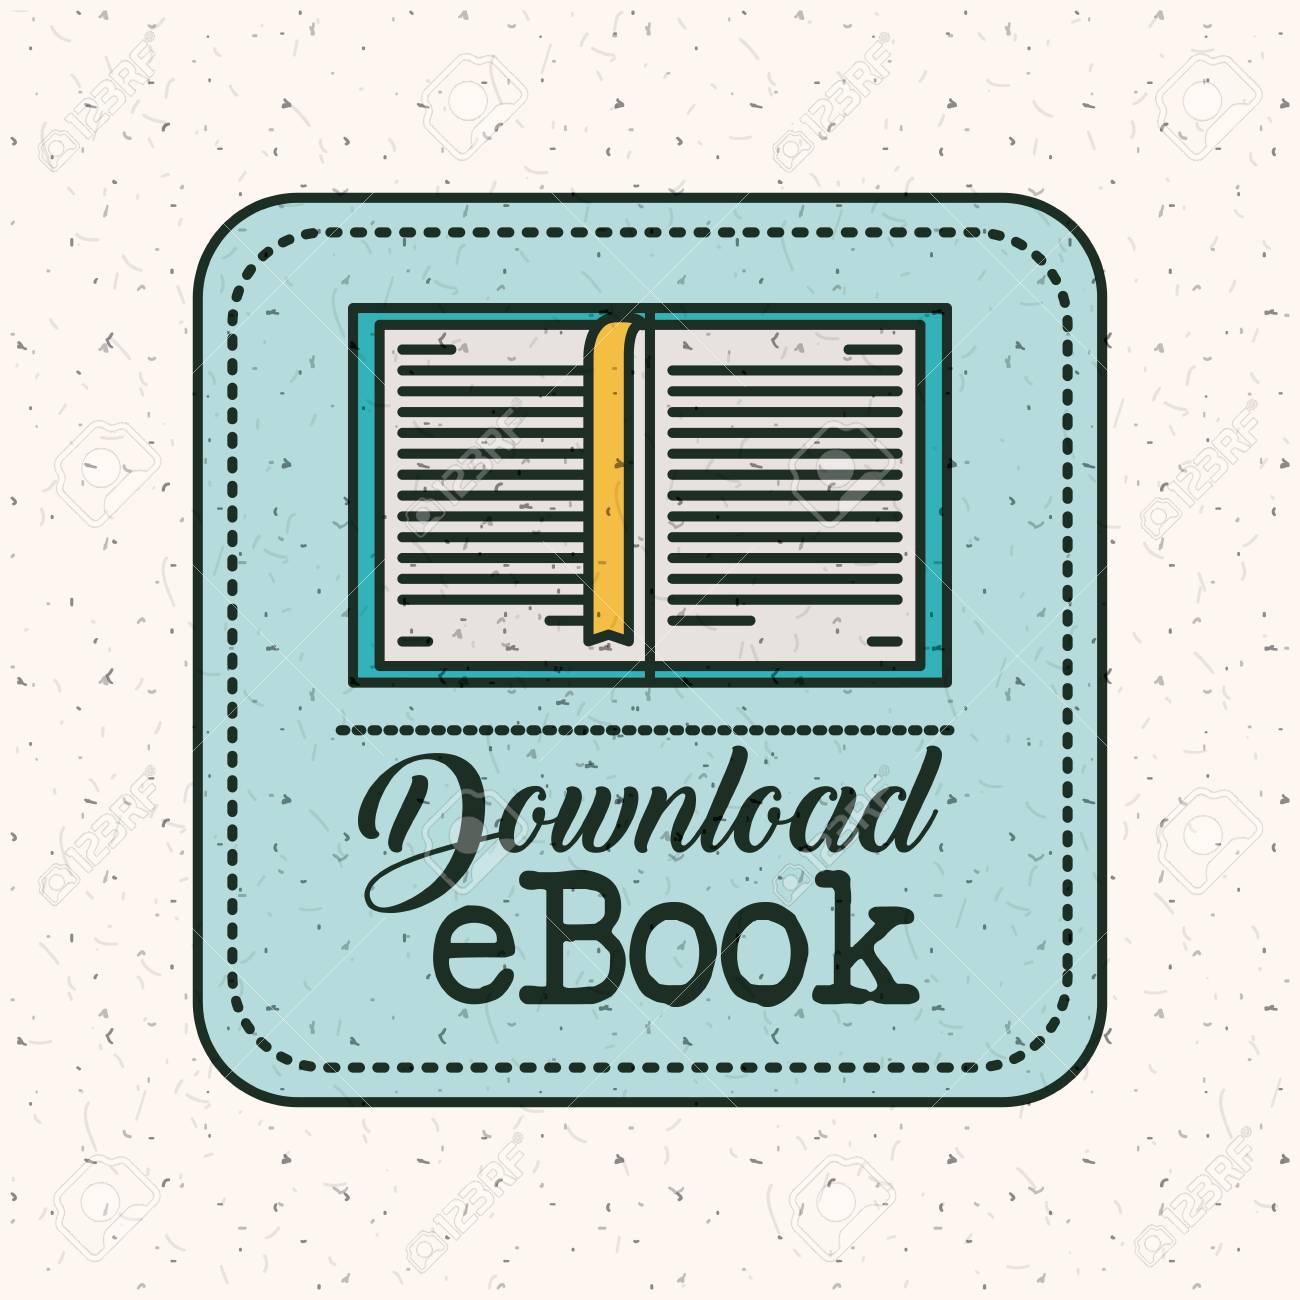 Education download ebook